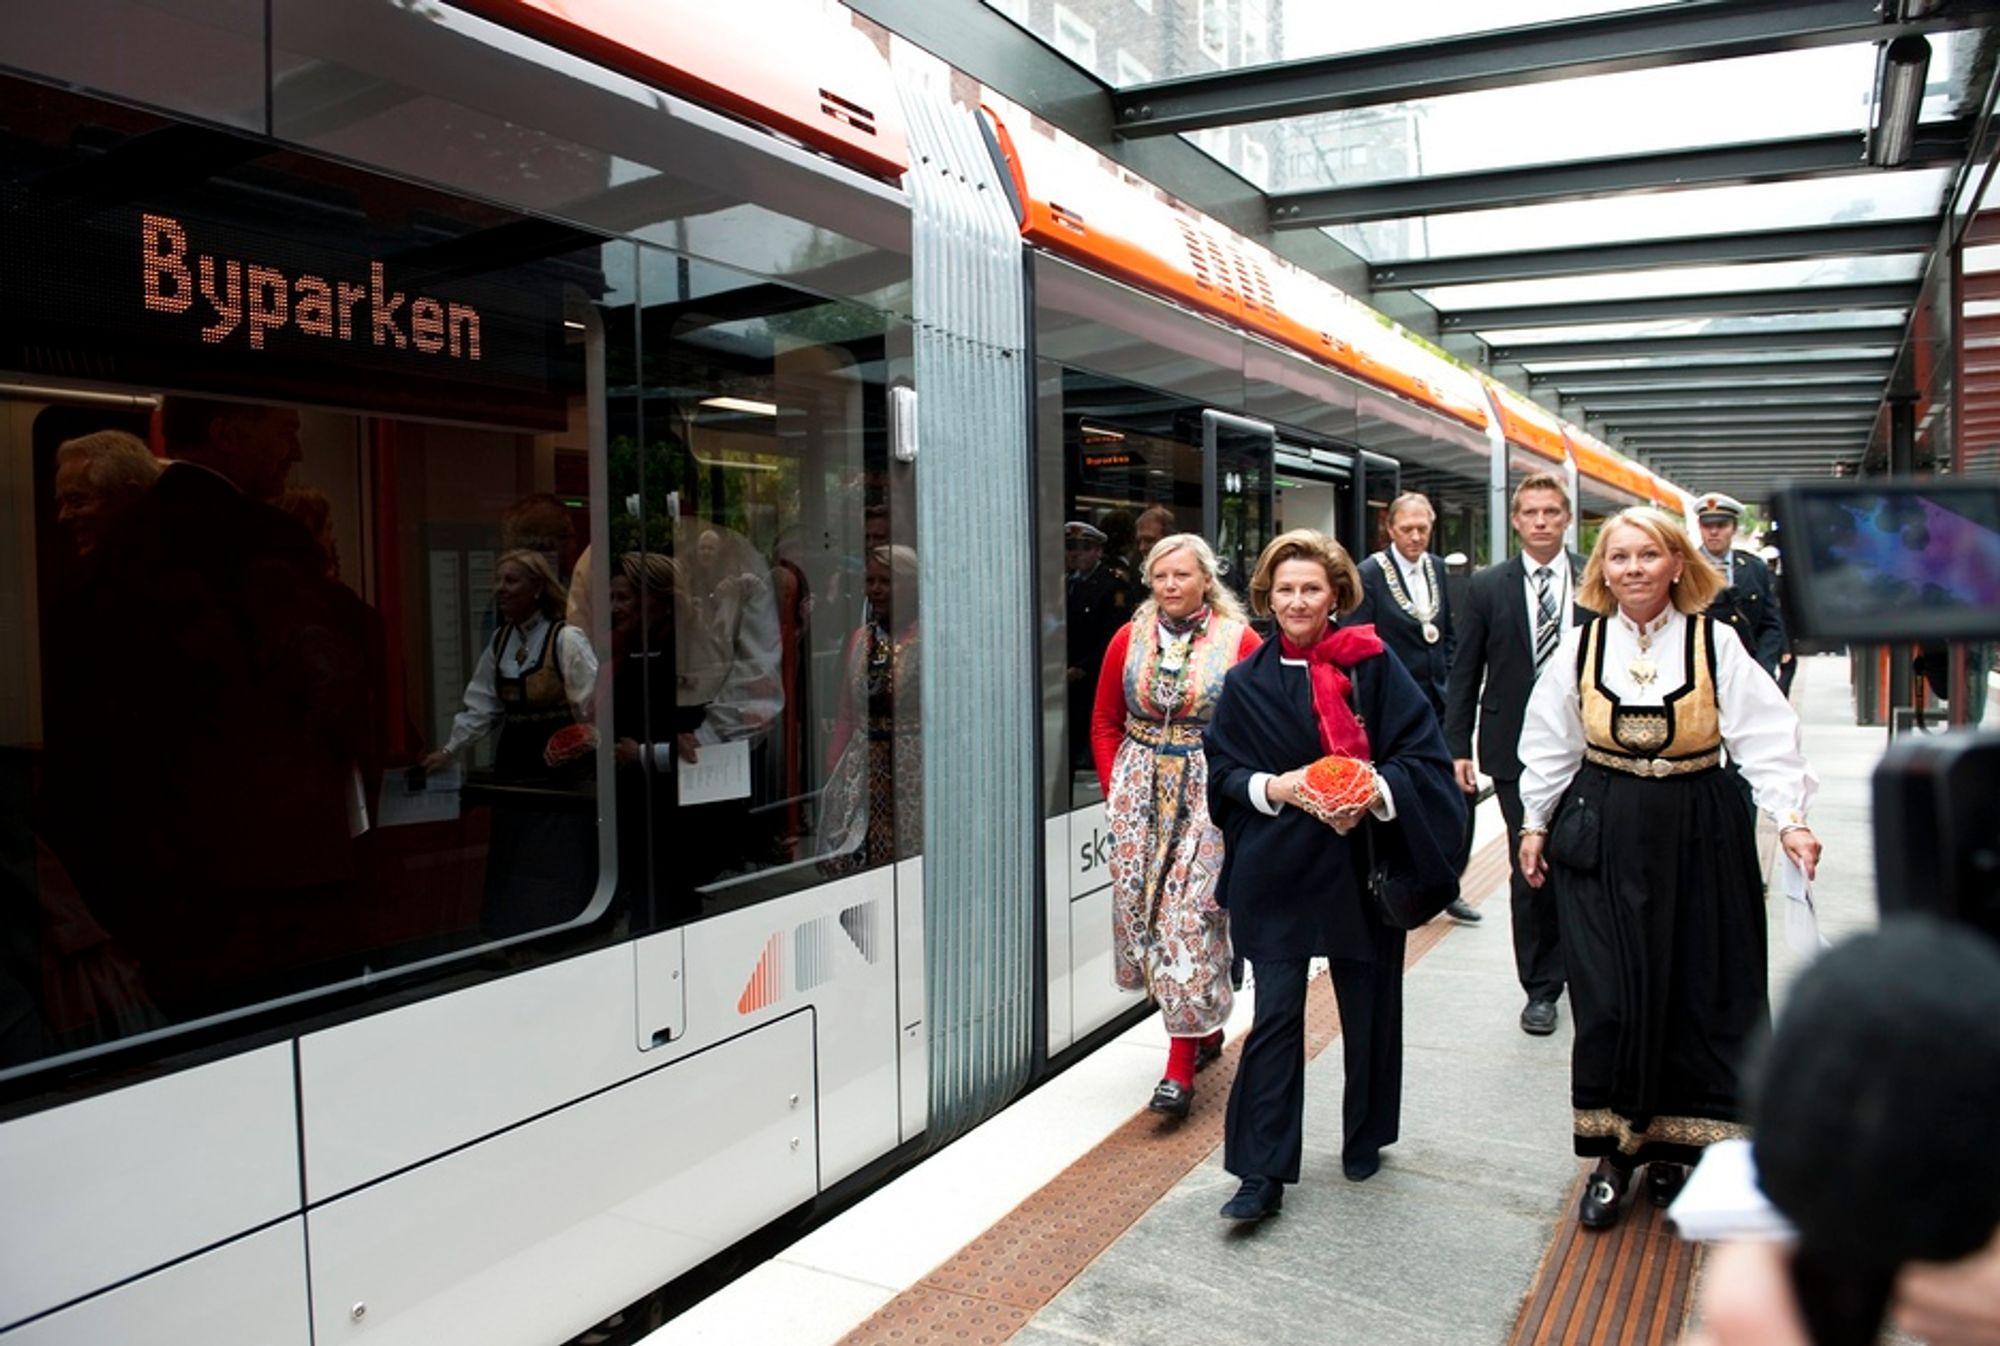 FØRSTE: Dronning Sonja var den første offisielle passasjeren på Bybanen i Bergen, og etter reisen, som gikk fra Nesttun til Bergen sentrum, åpnet dronningen den nye bybanen.